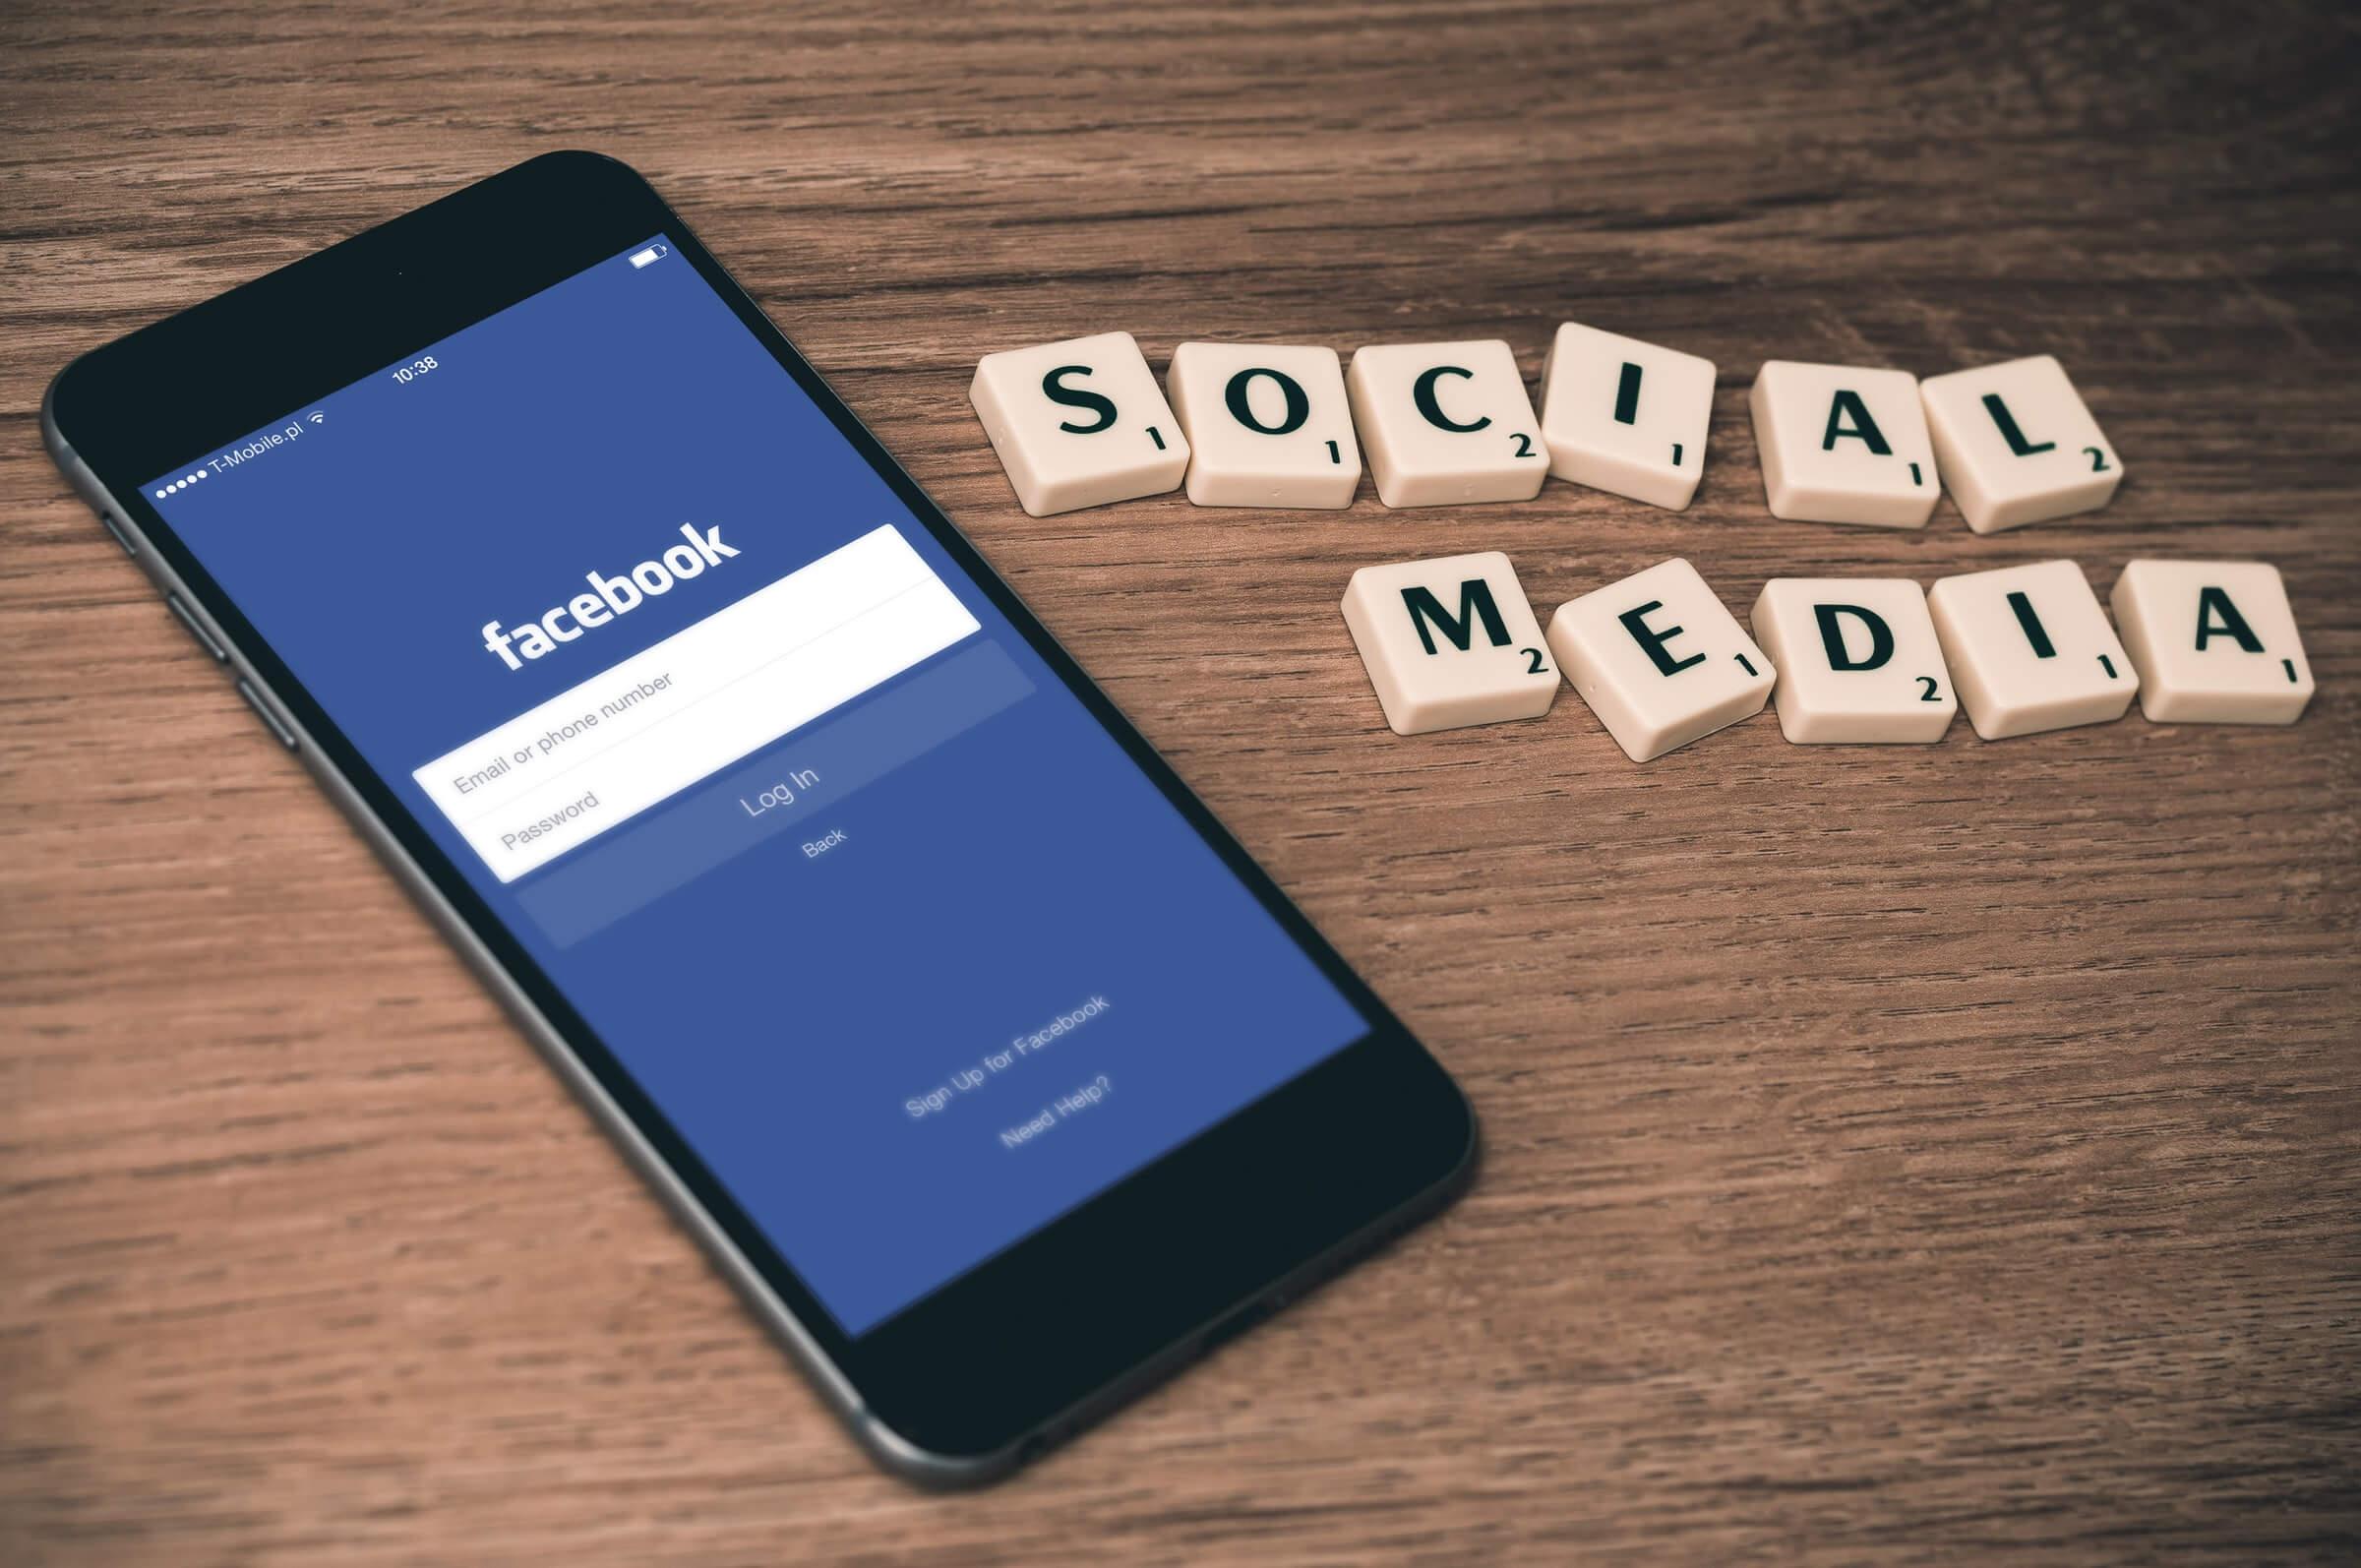 As empresas têm cada vez mais procurado o marketing digital para se manter no mercado